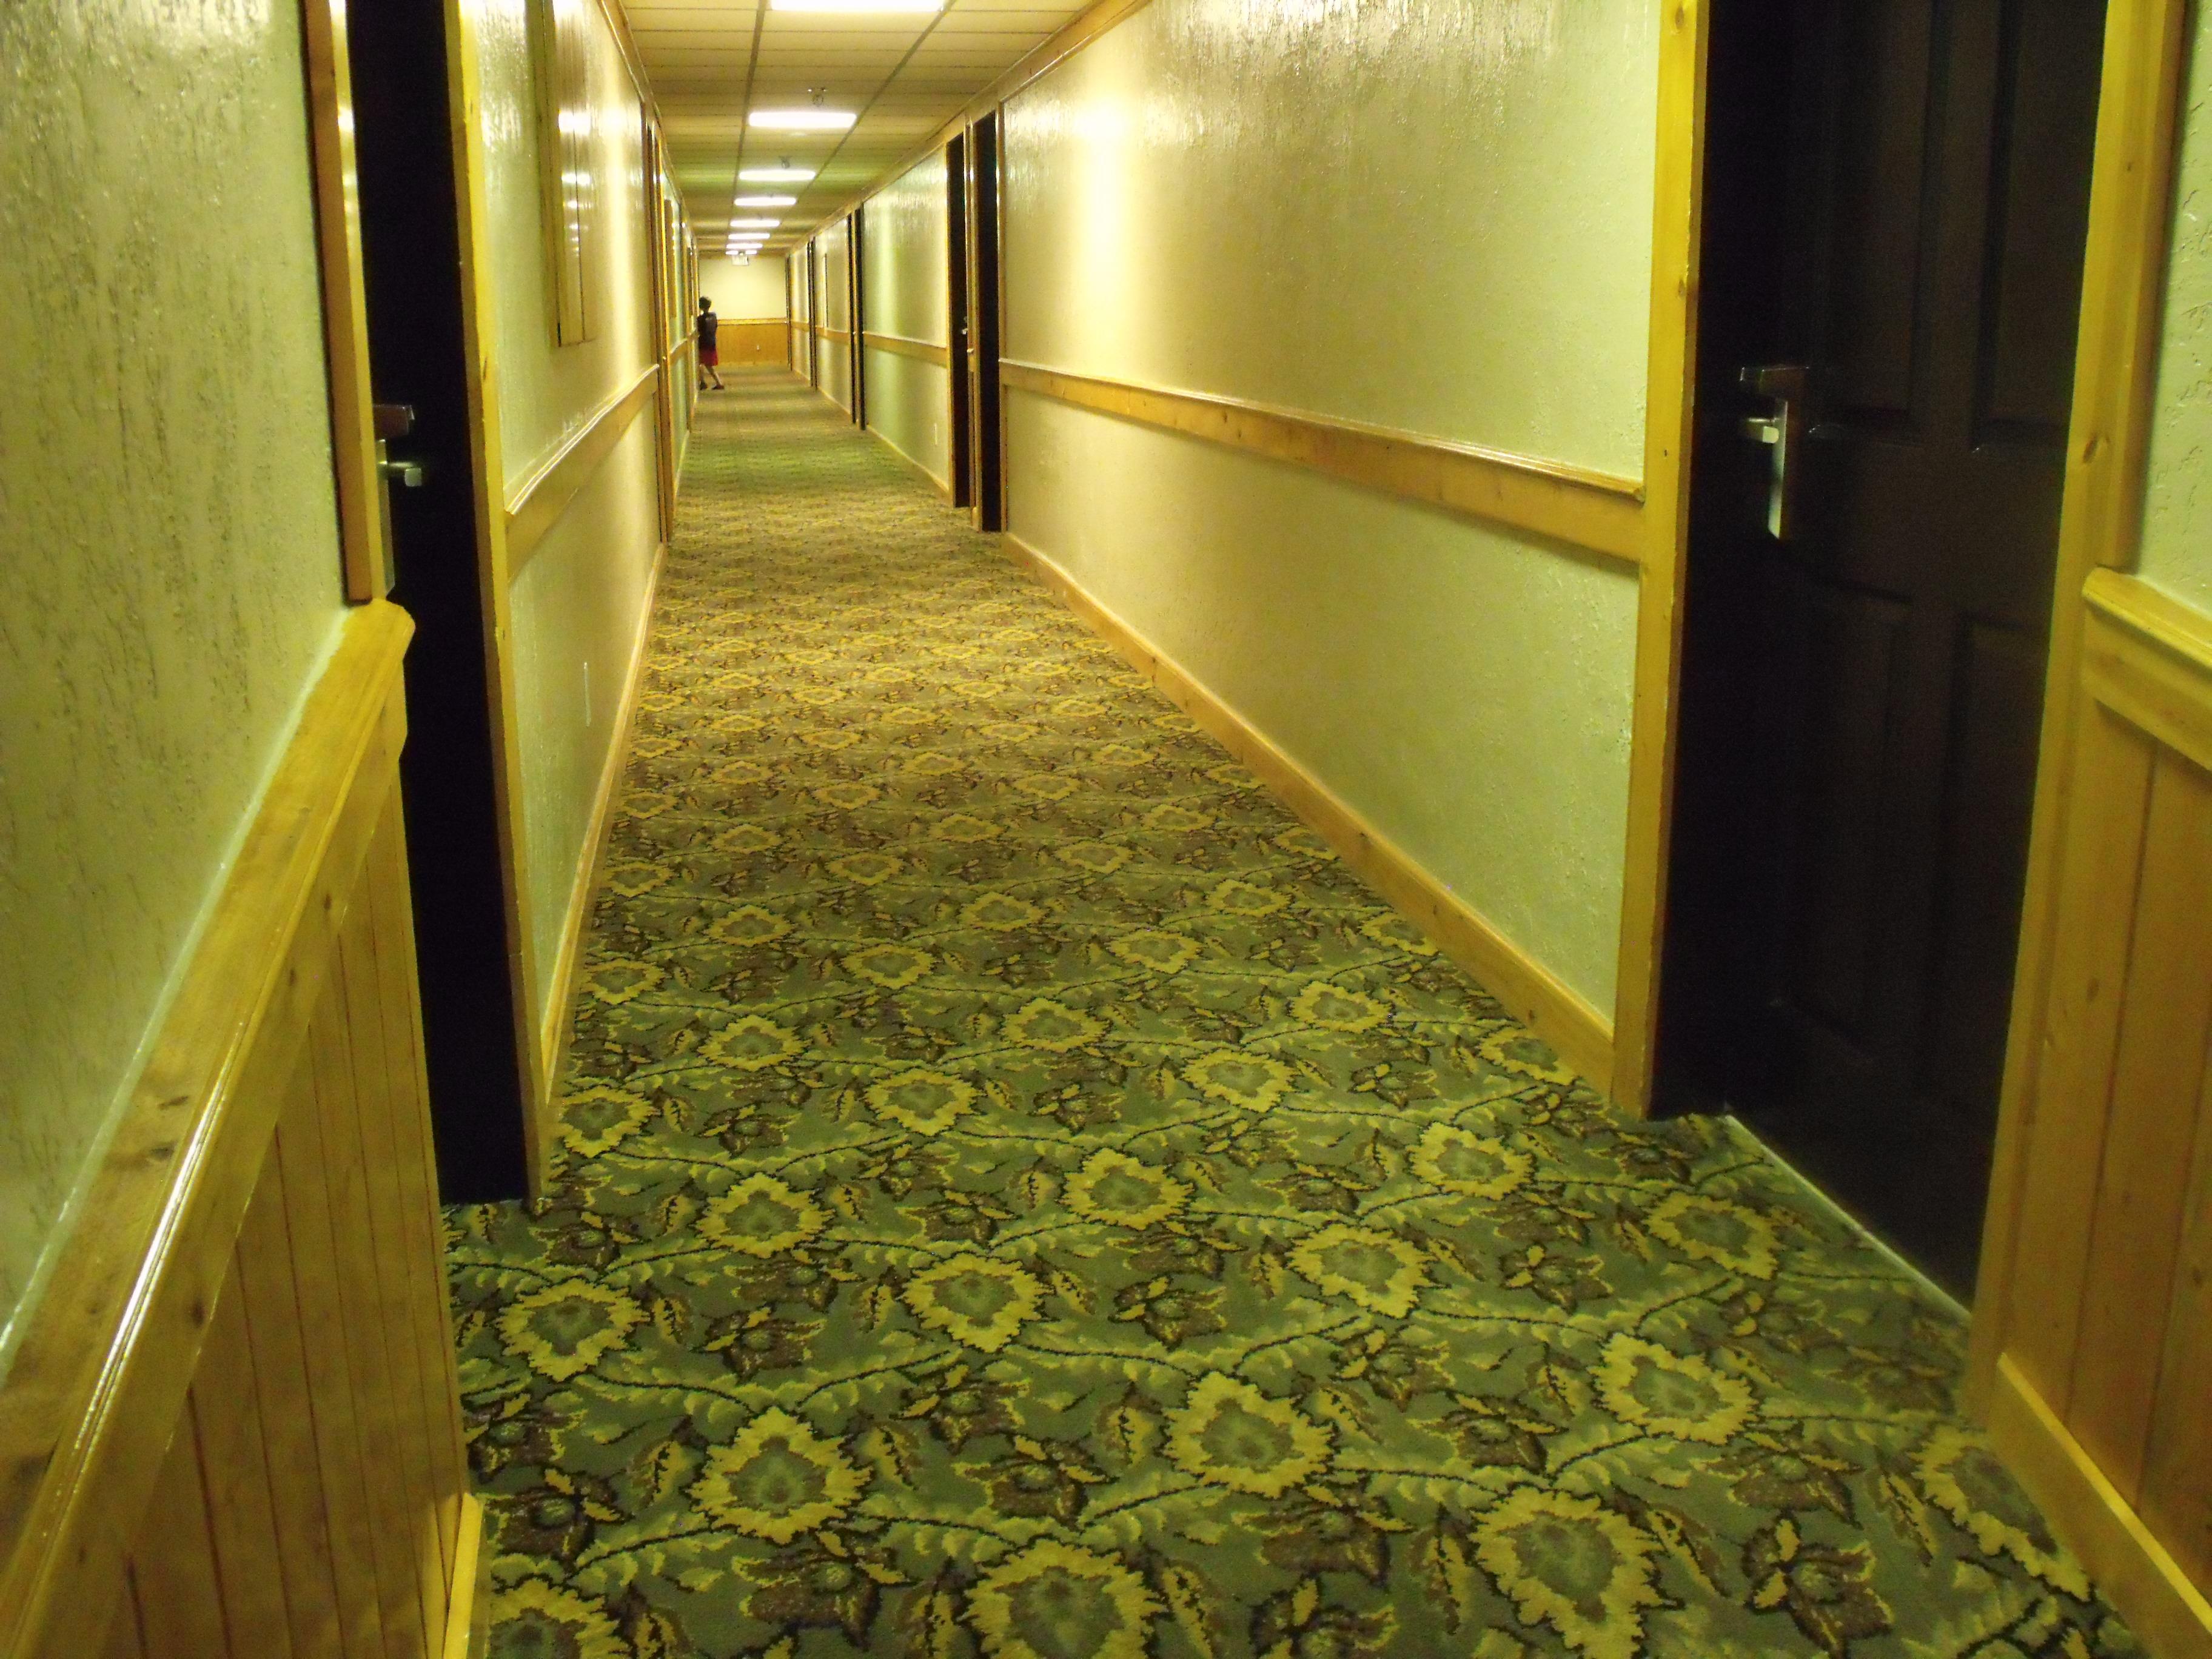 Corridor_Carpet_4 (2)